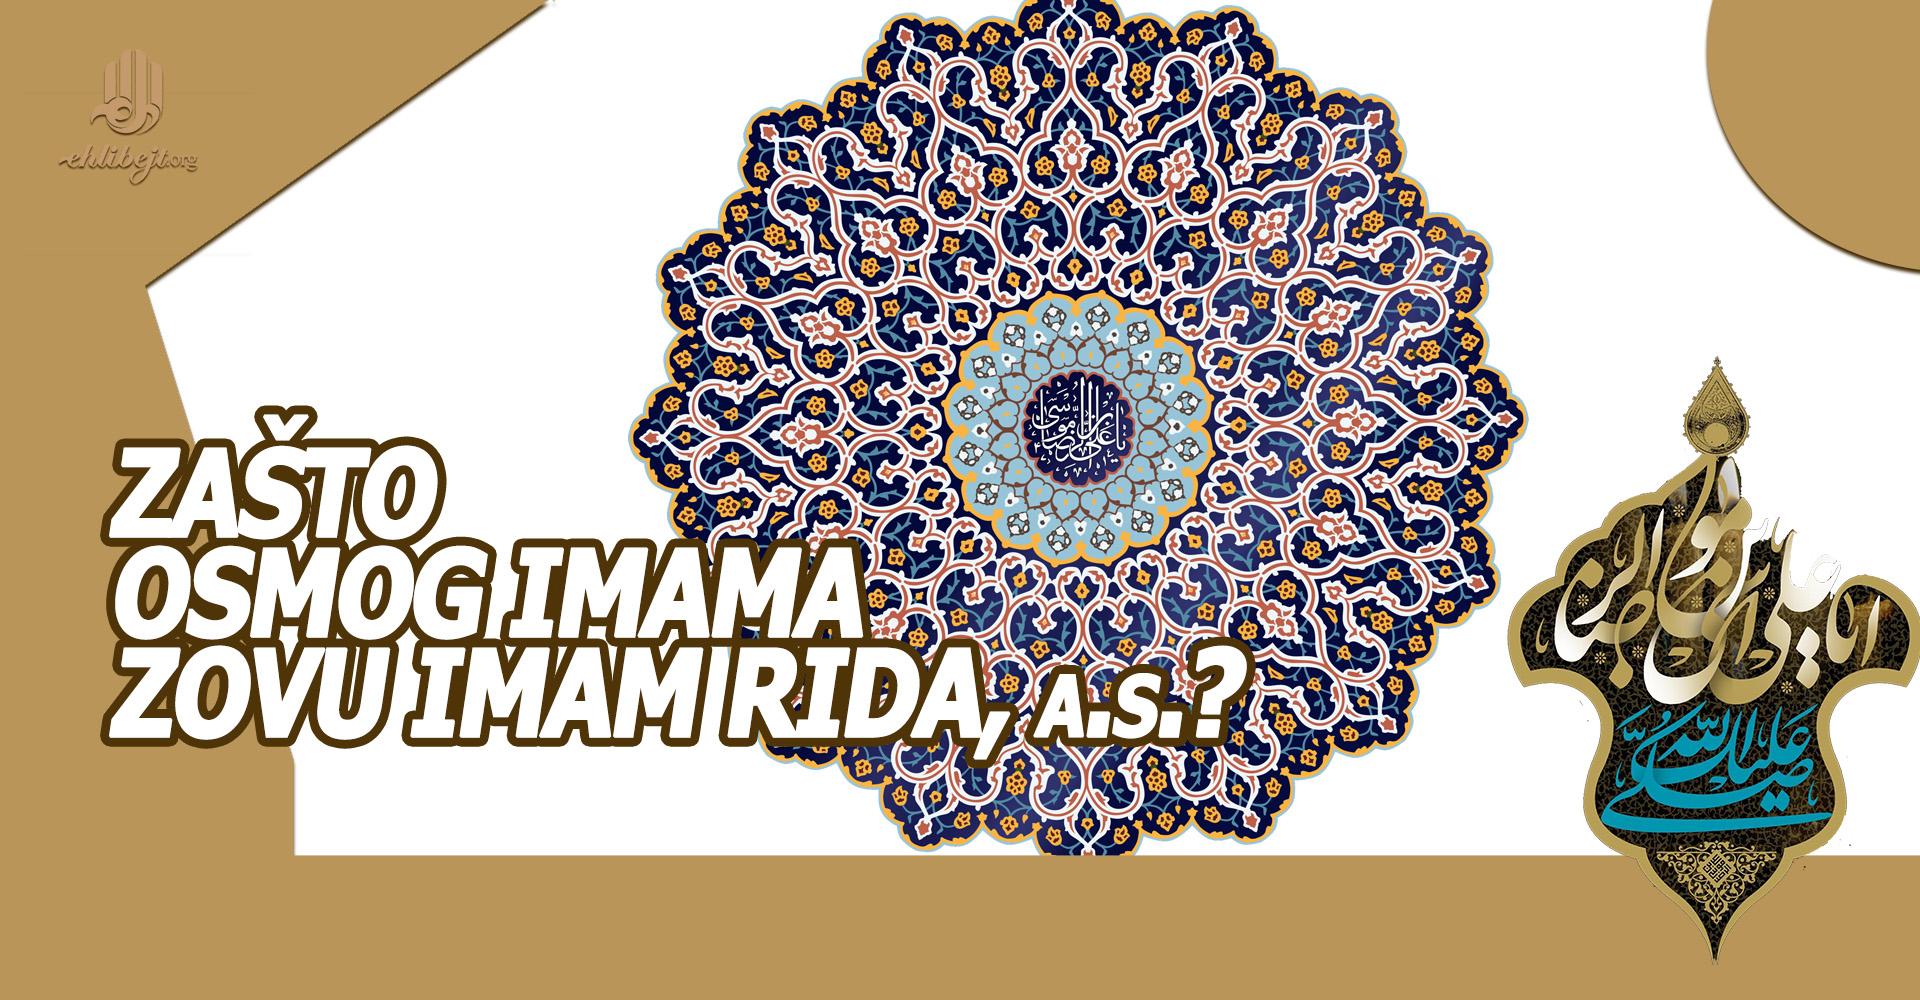 Zašto osmog Imama zovu Imam Rida, a.s.?